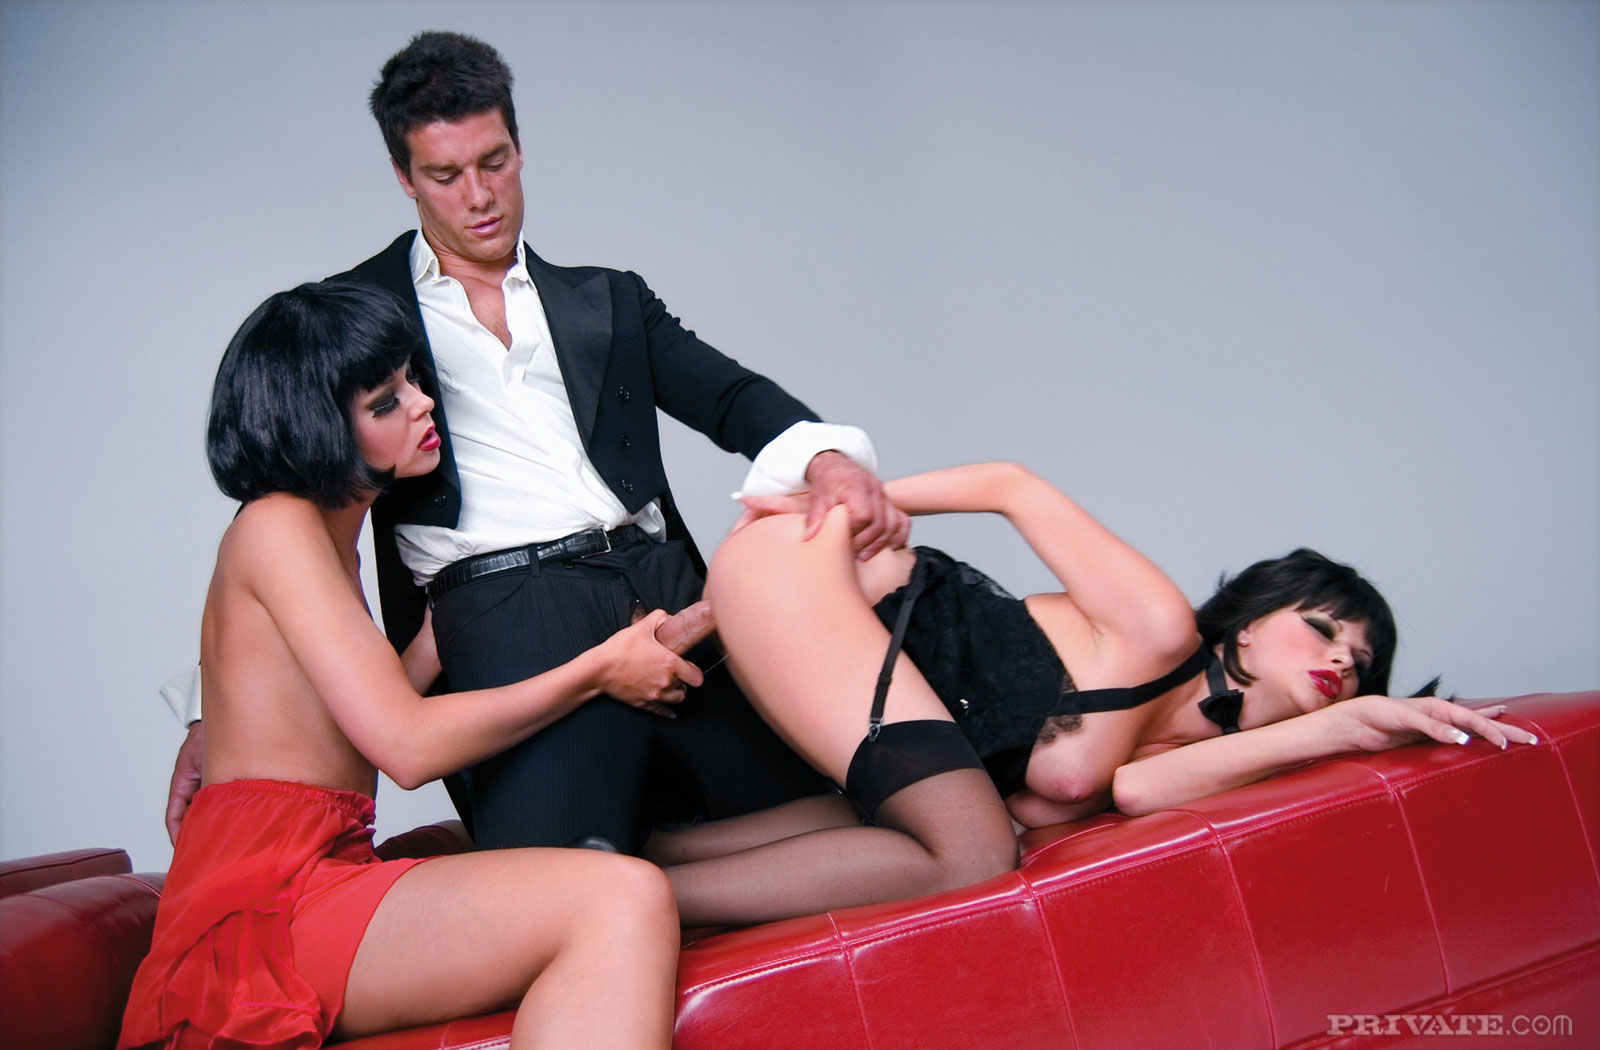 muzhchini-prostitutki-dlya-zhenshin